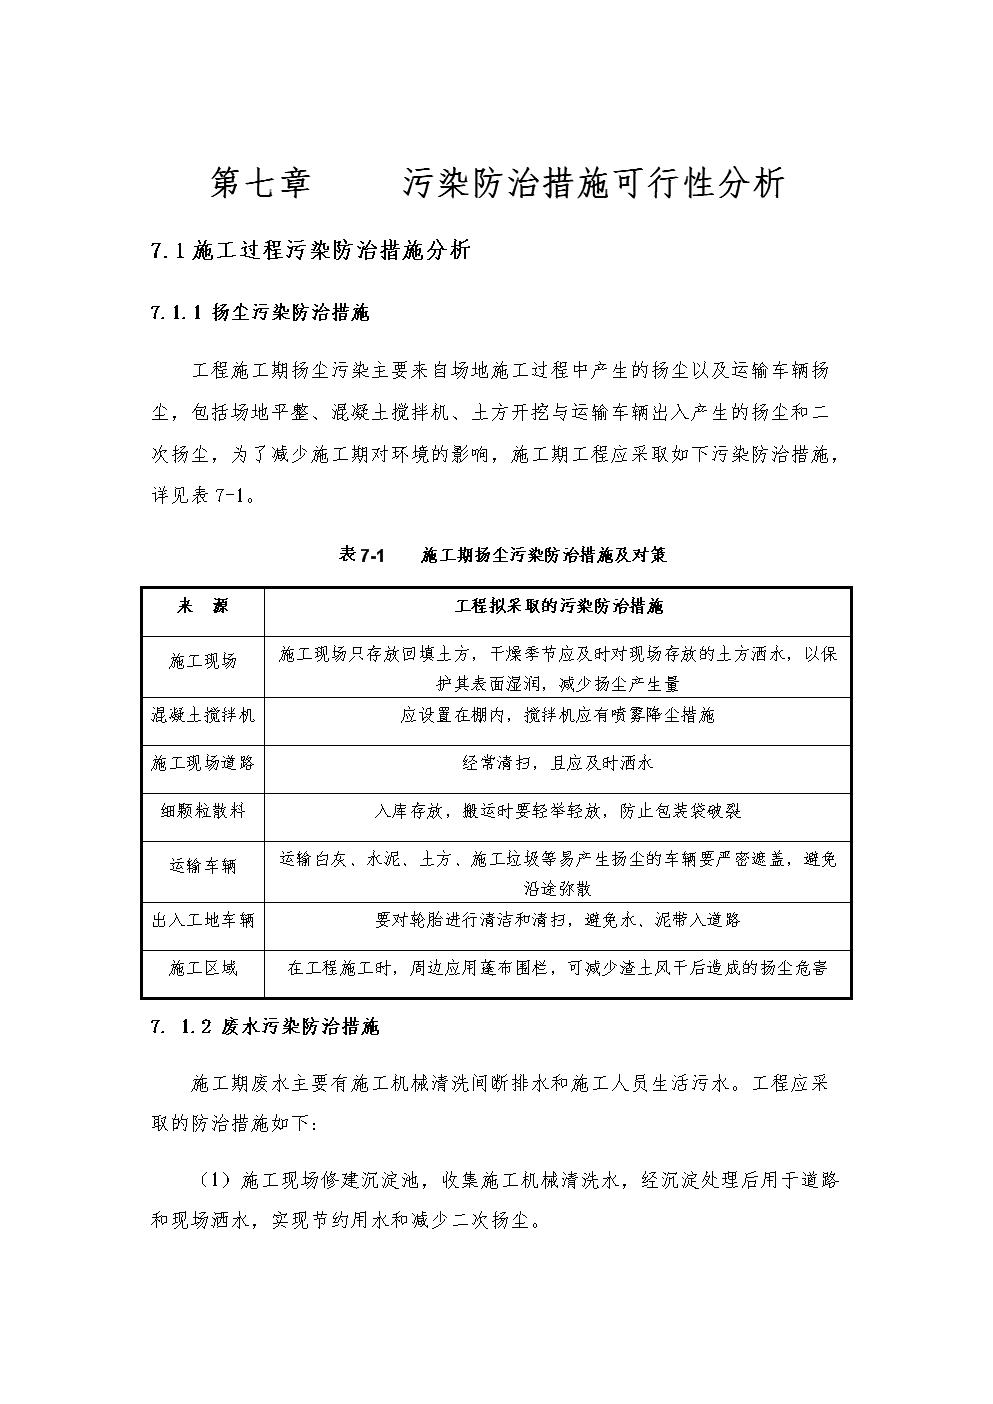 宝瑞德_07工程污染防治措施可行性分析_修改建议gjl.docx